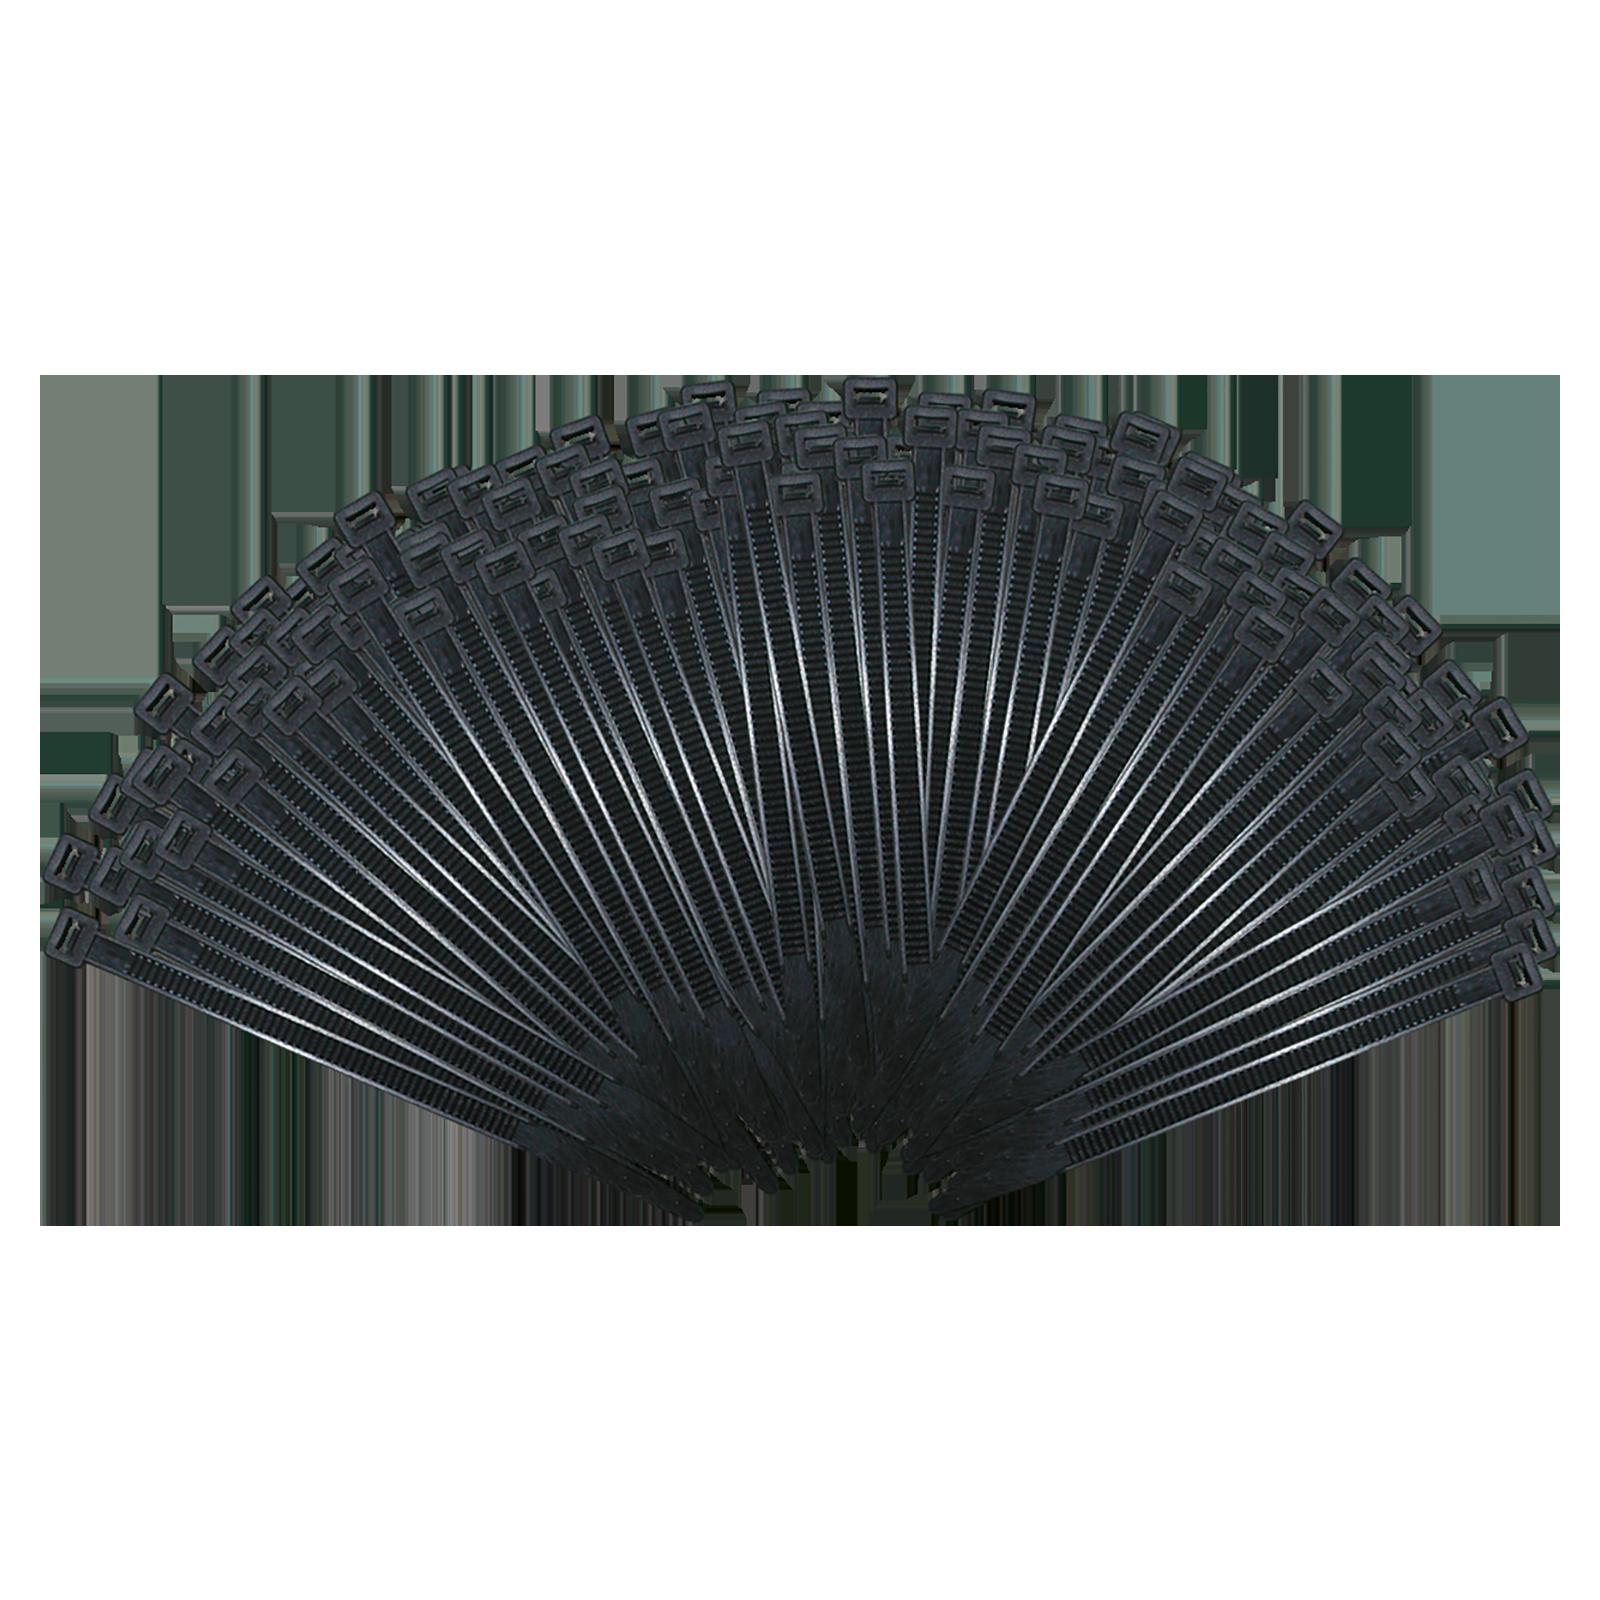 Kabelbinder 200 mm x 2,5 mm (LxB) - 100 Stück, schwarz bei Rameder